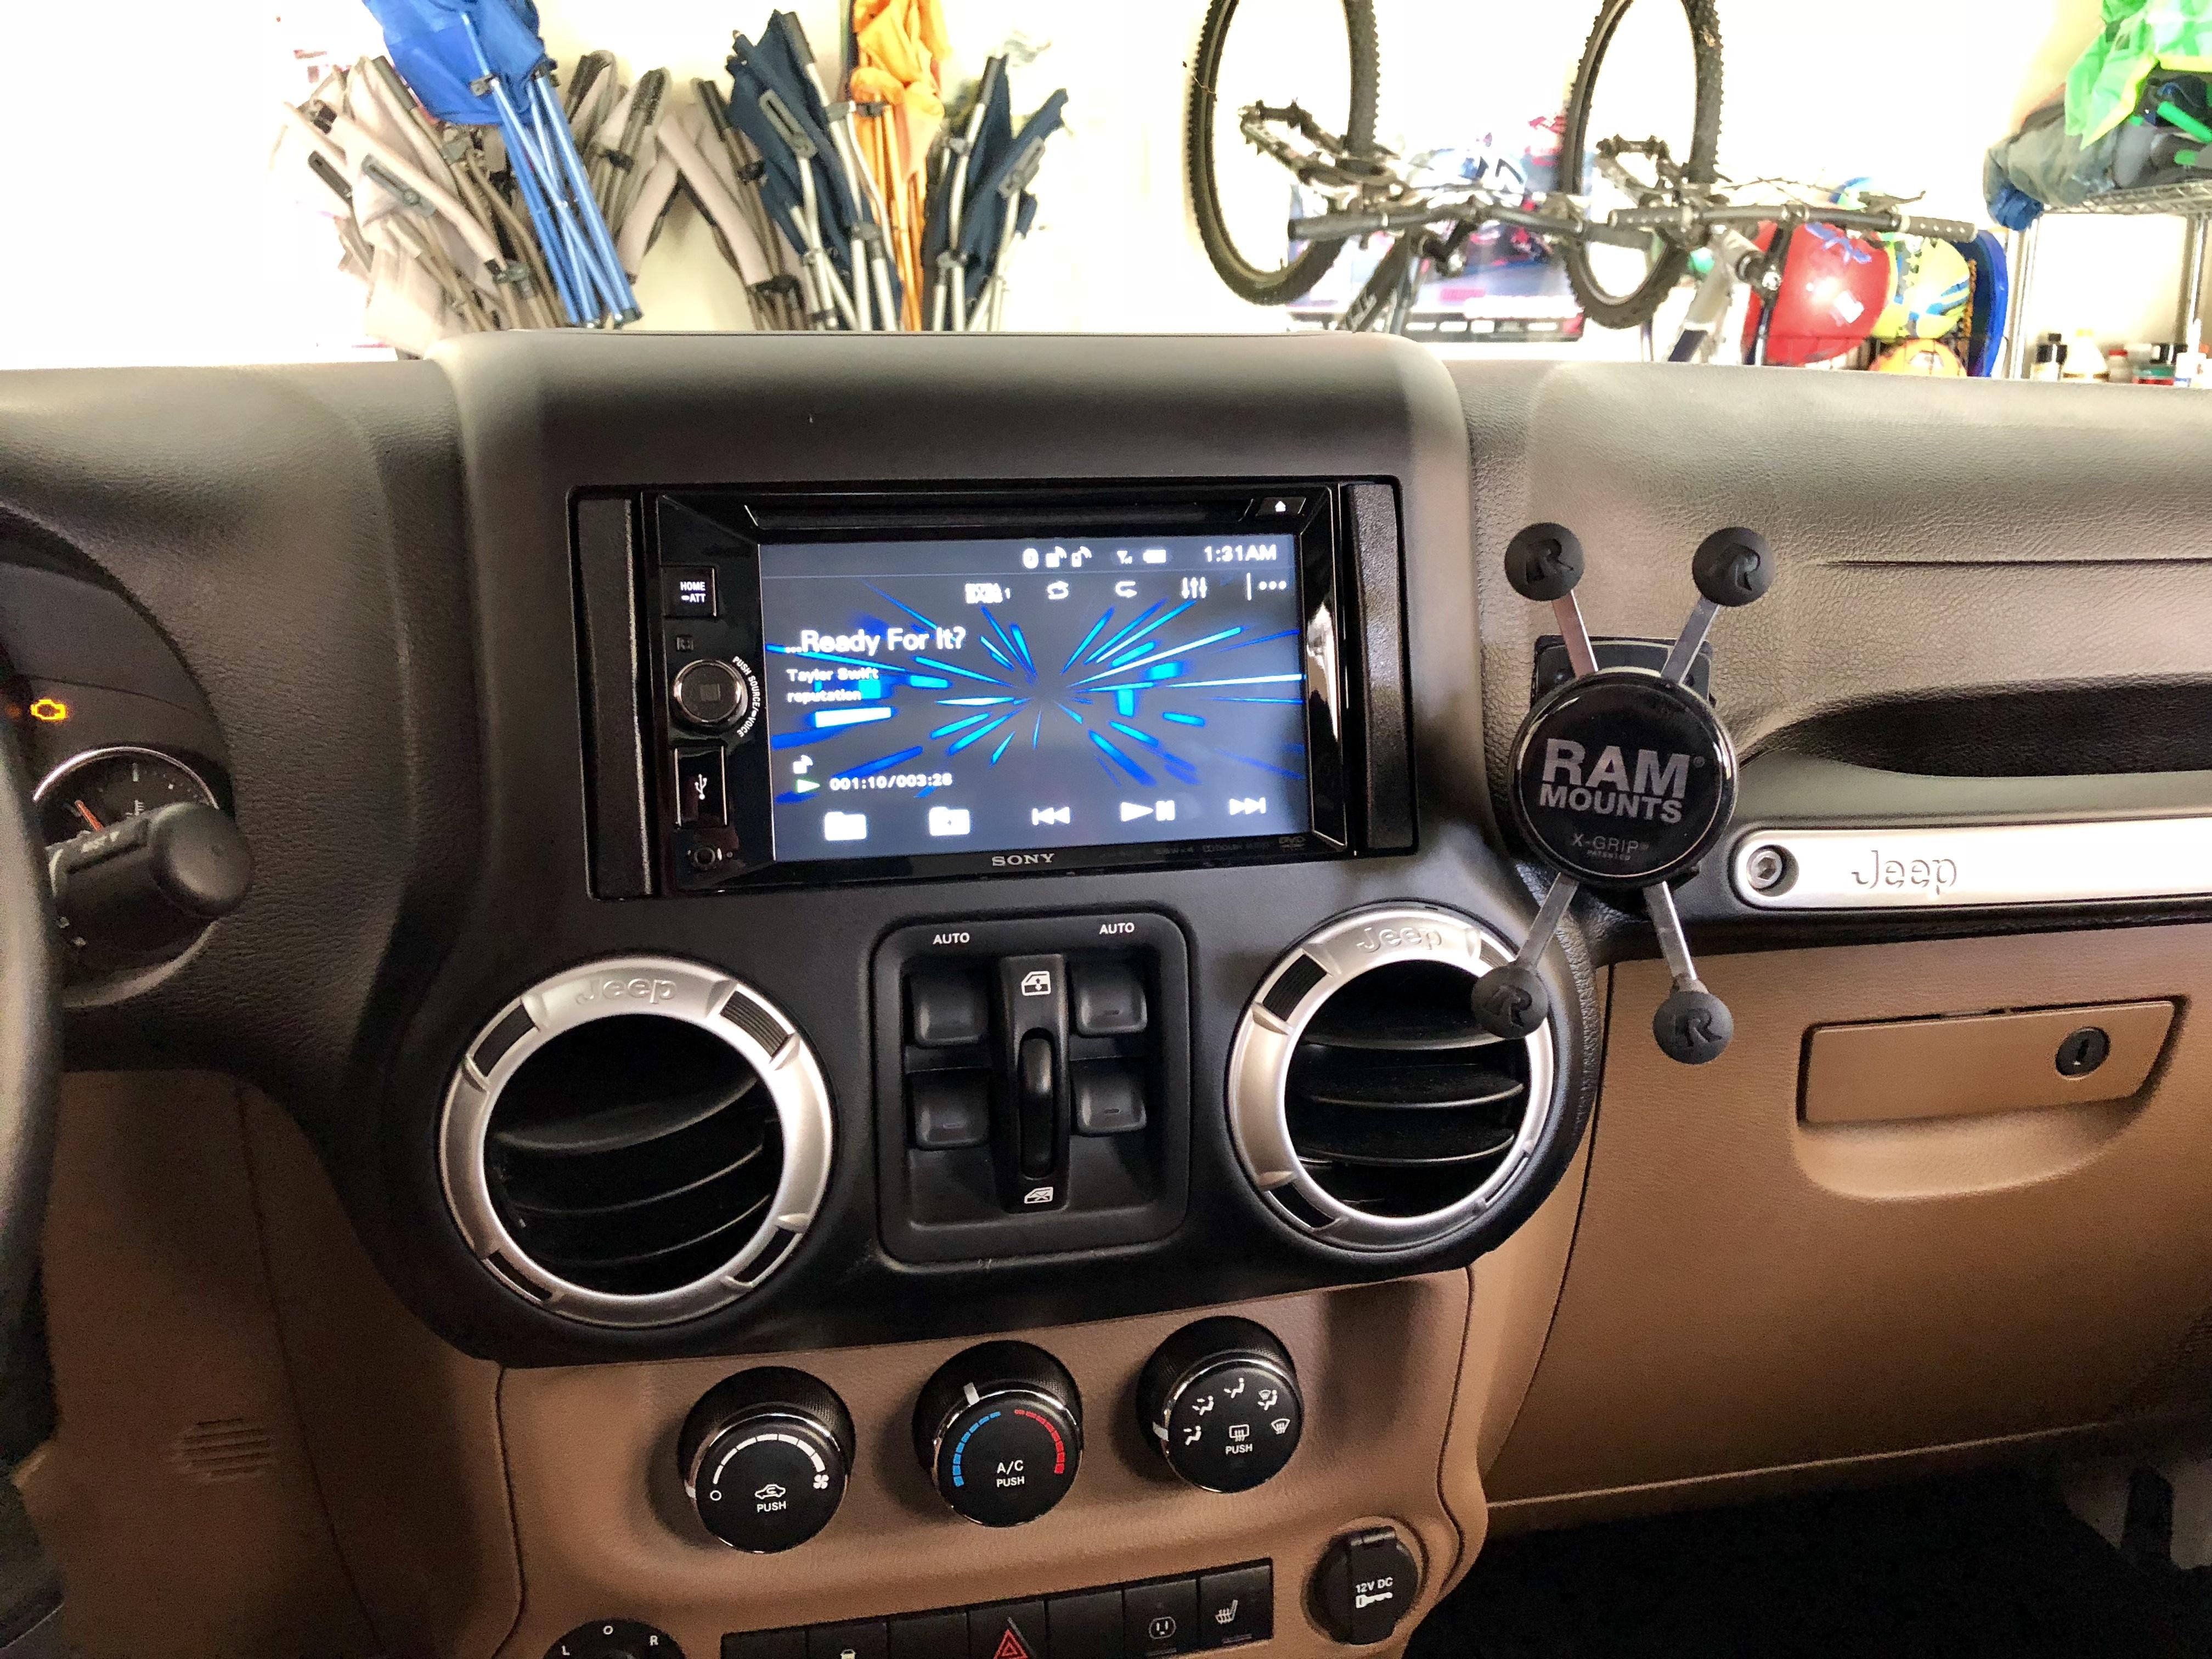 Metra 95-6511 Chrysler//Jeep DDIN 2007 Dash Kit